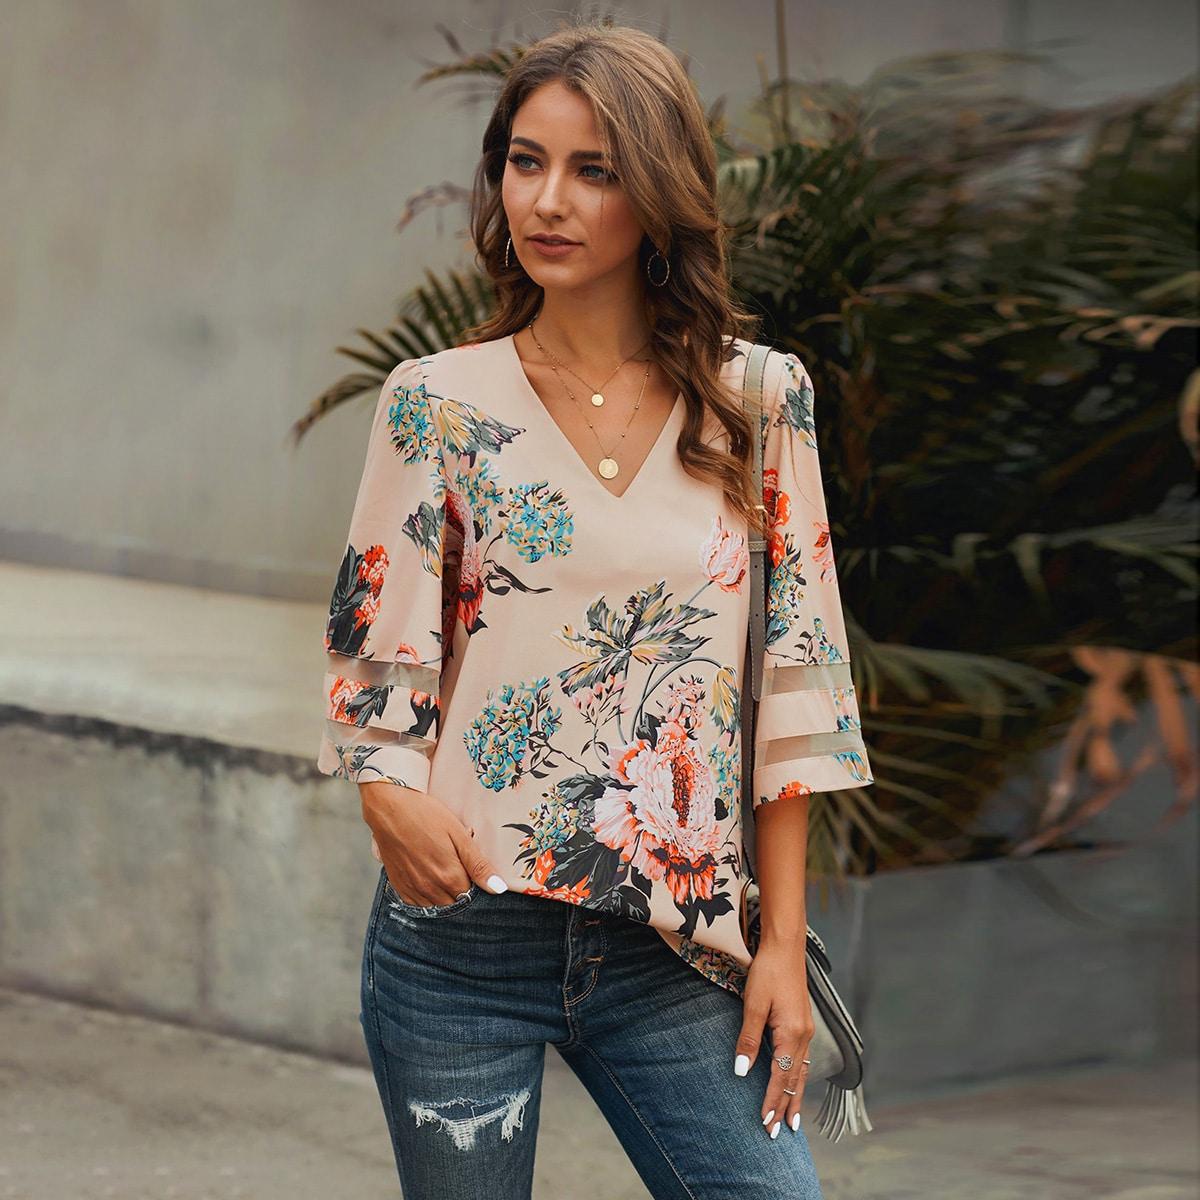 SHEIN / Bluse mit Blumen Muster, Netzeinsatz und Puffärmeln